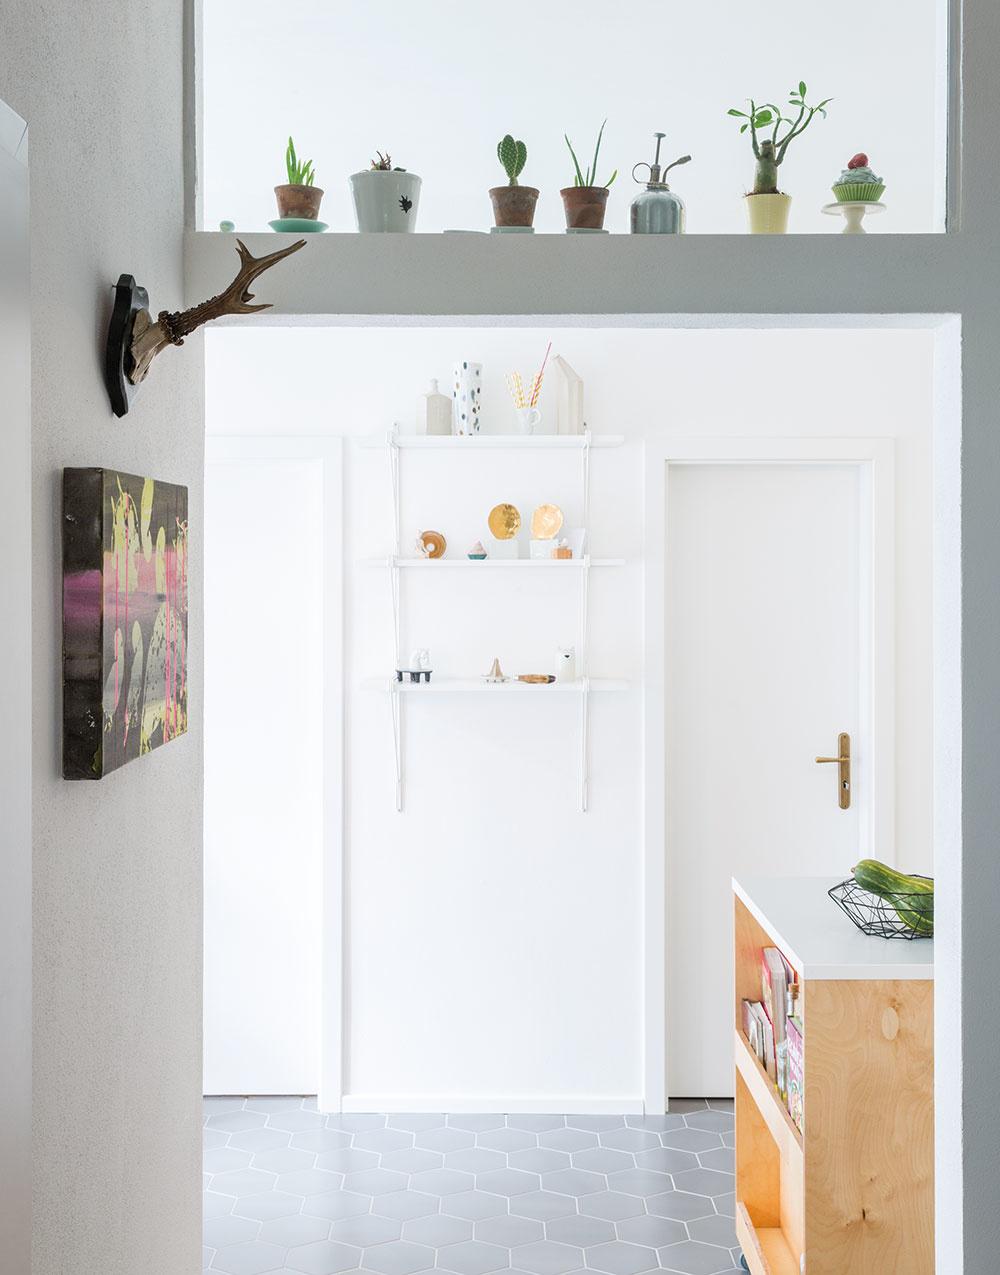 Votvorenom priehľade zobývacej izby do kuchyne dominuje biela farba smnožstvom izbových rastlín, ktoré tu majú výborné podmienky na svoj rast.